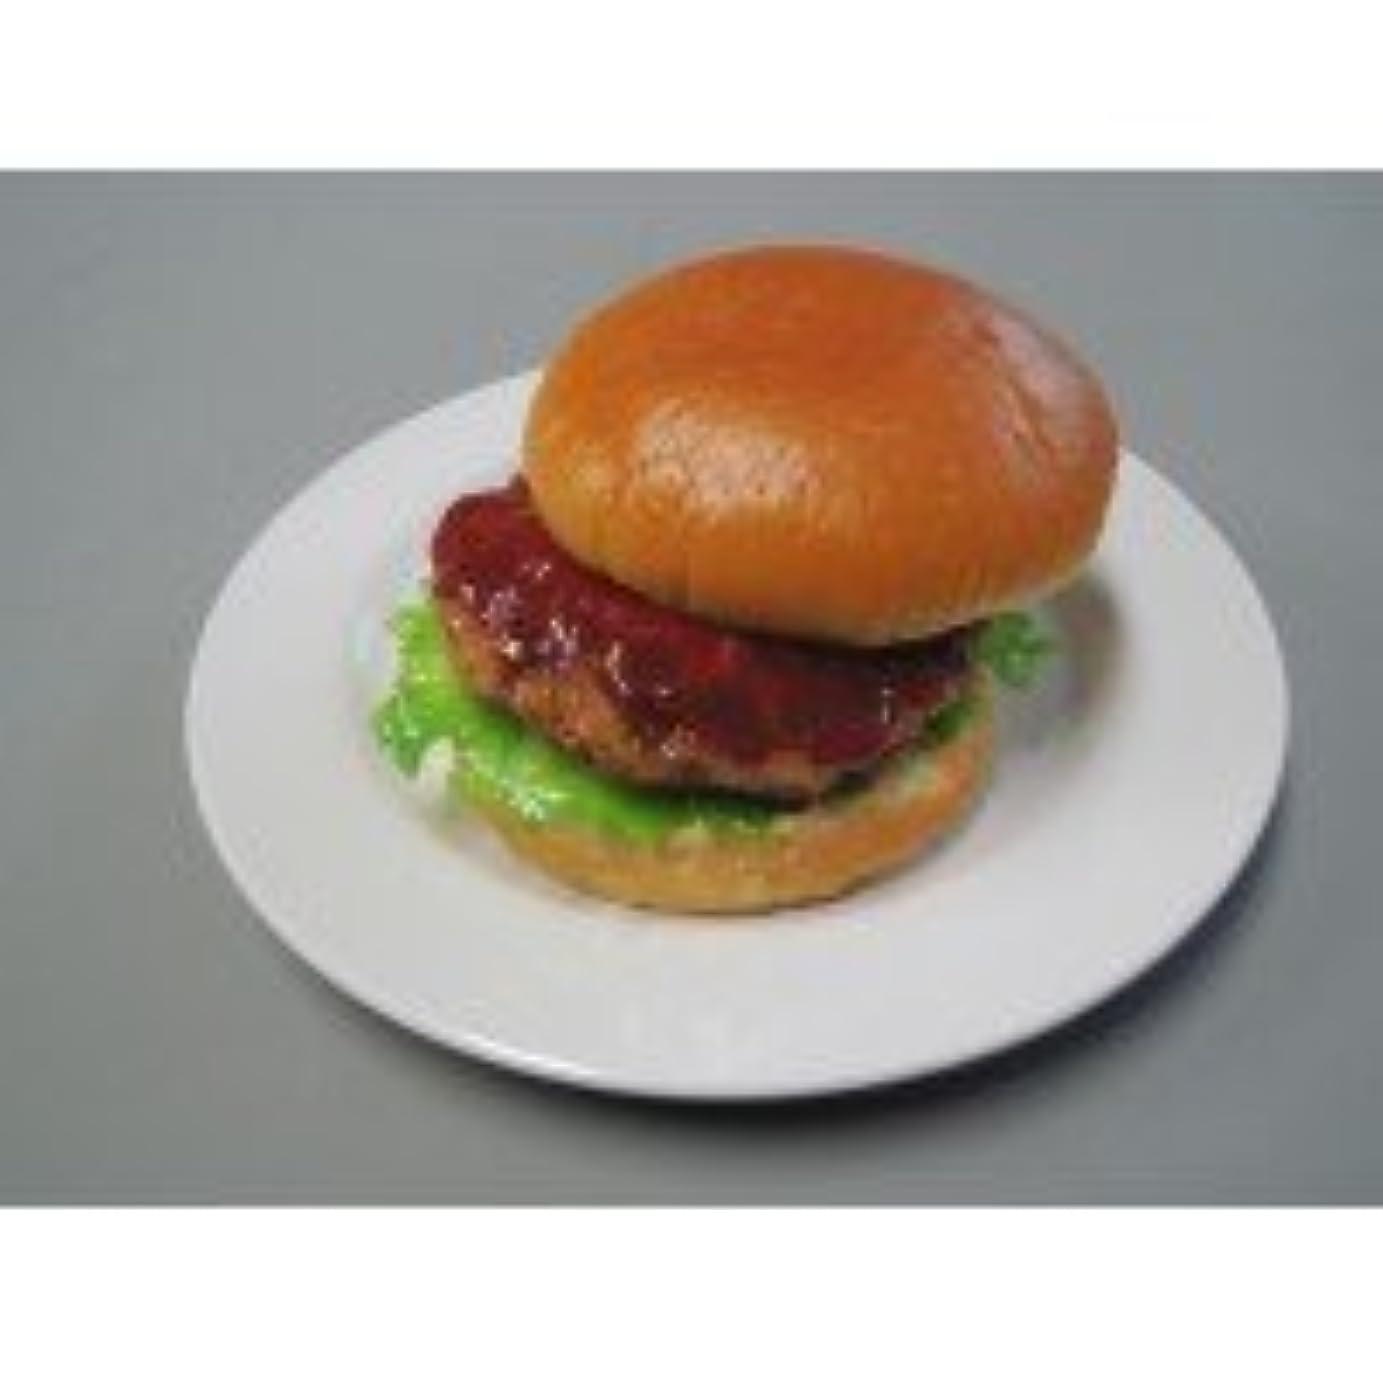 日本職人が作る 食品サンプル ハンバーガー IP-198